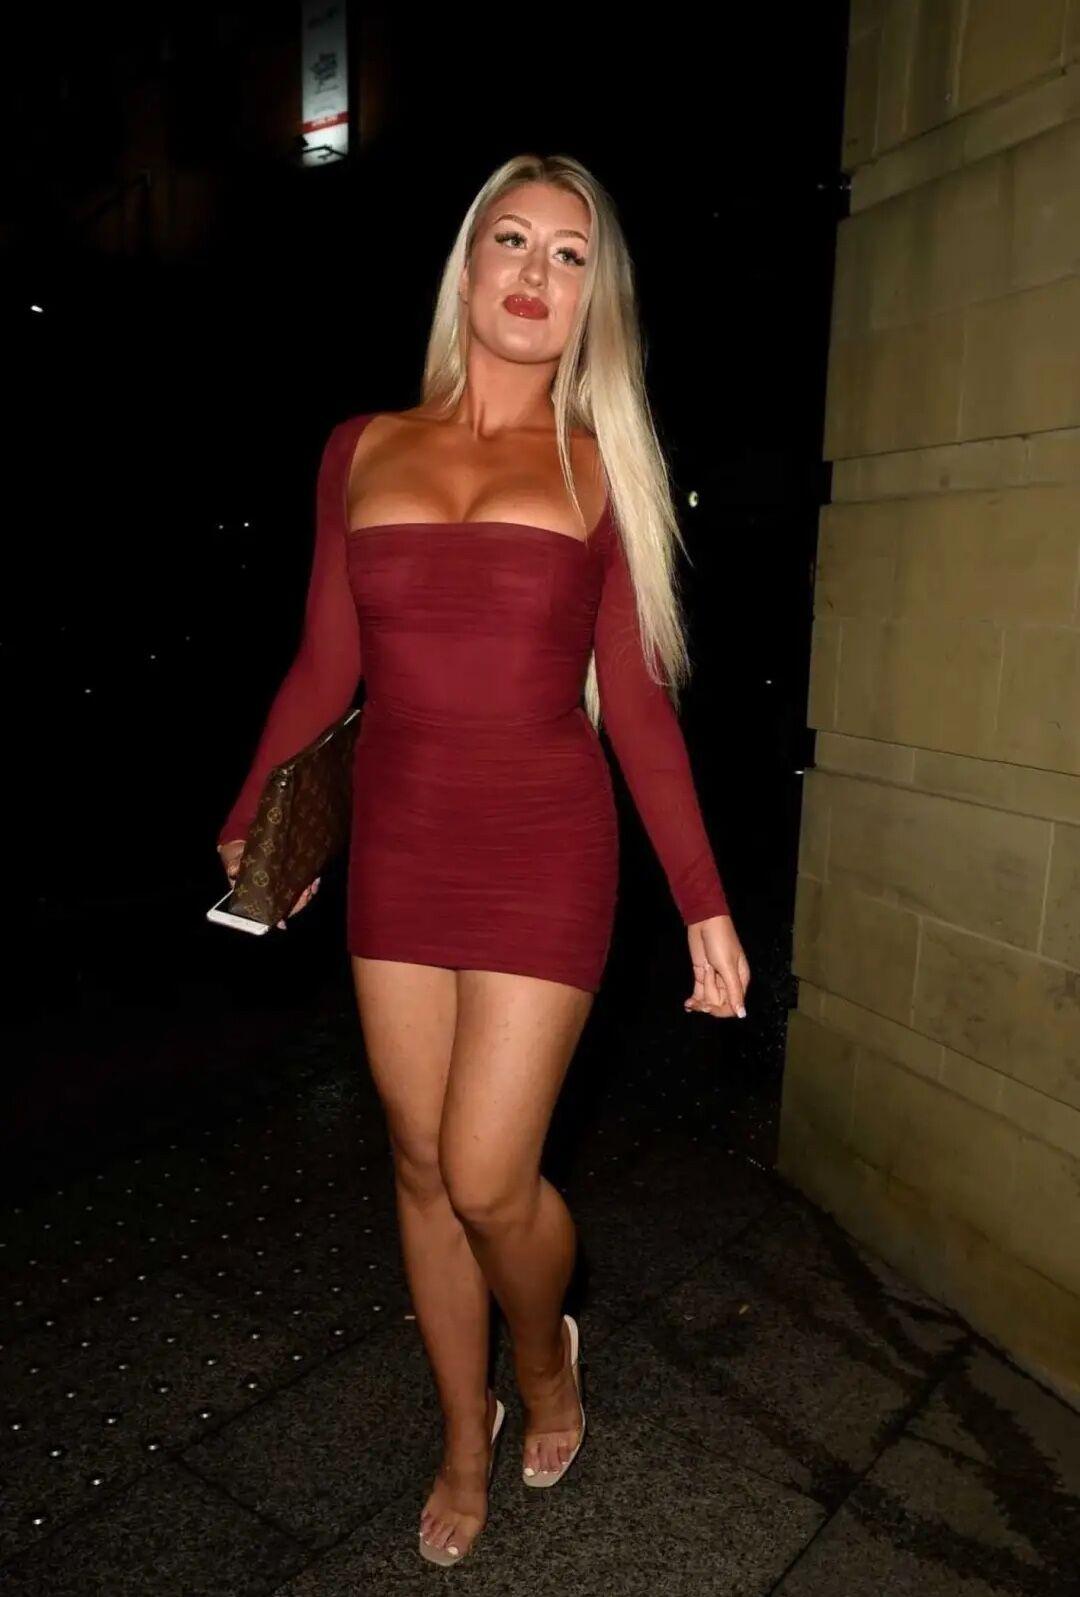 伊芙·盖尔现身街头,身着酒红连衣裙,一道靓丽风景线